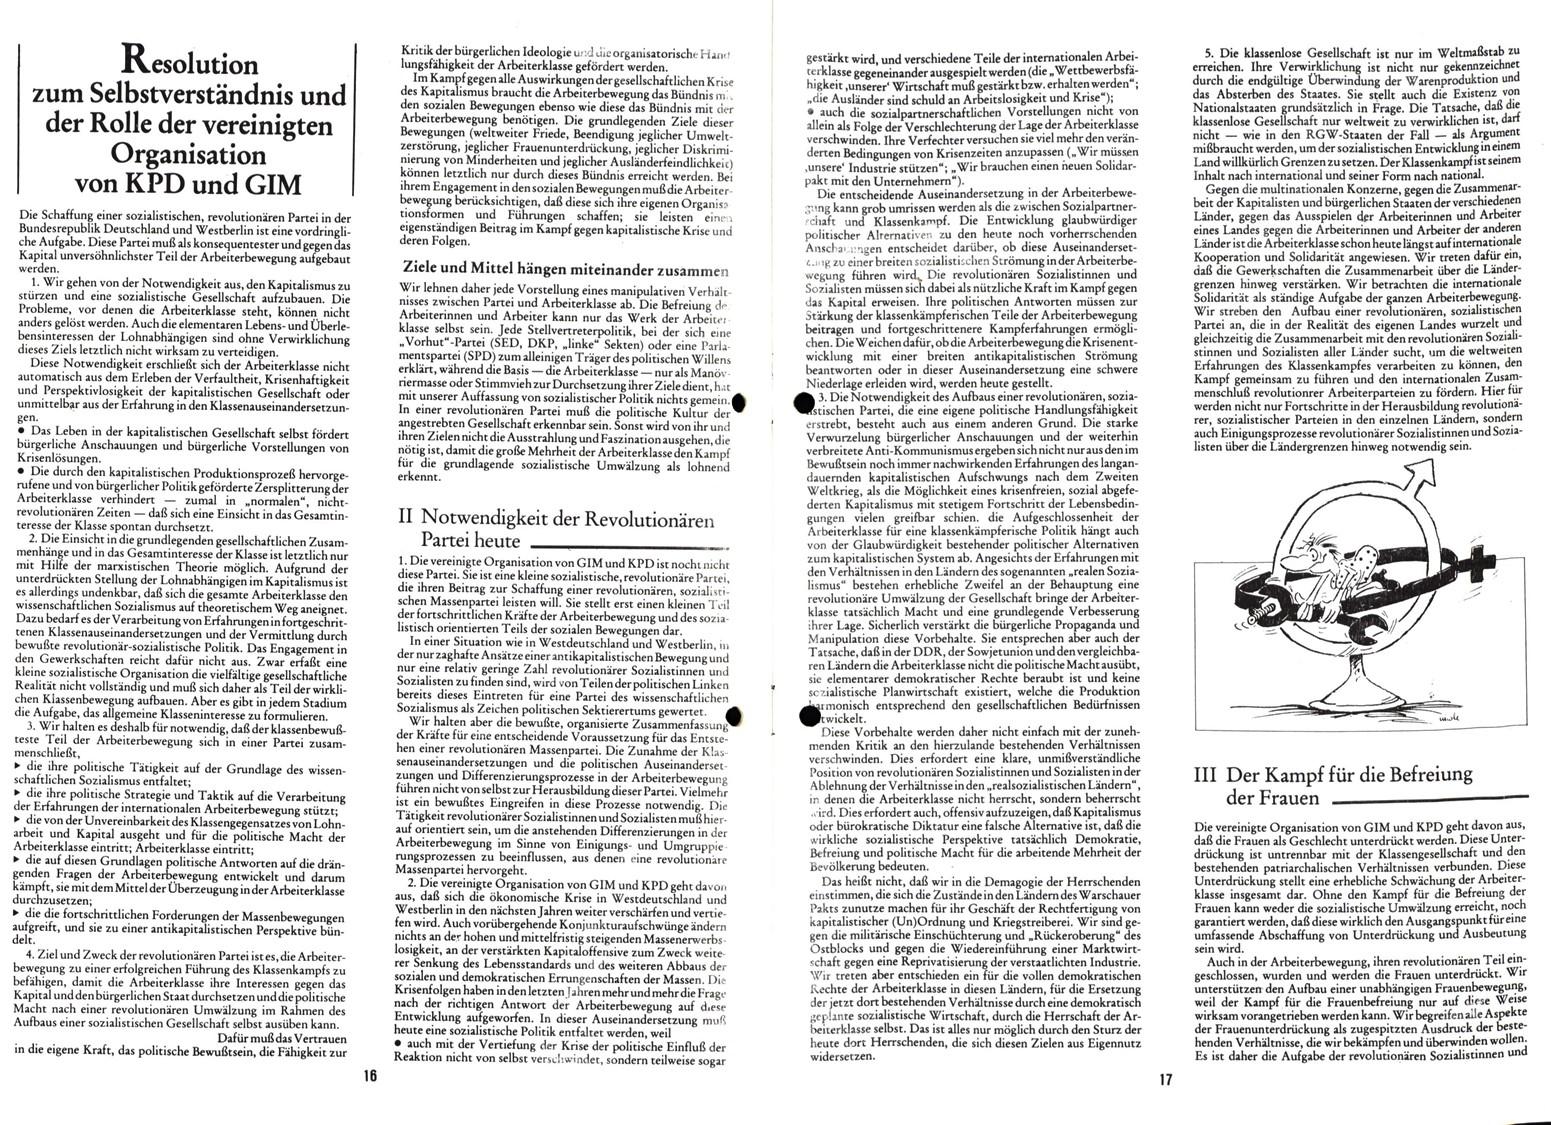 KPDML_GIM_1986_Dokumente_zur_Vereinigung_09